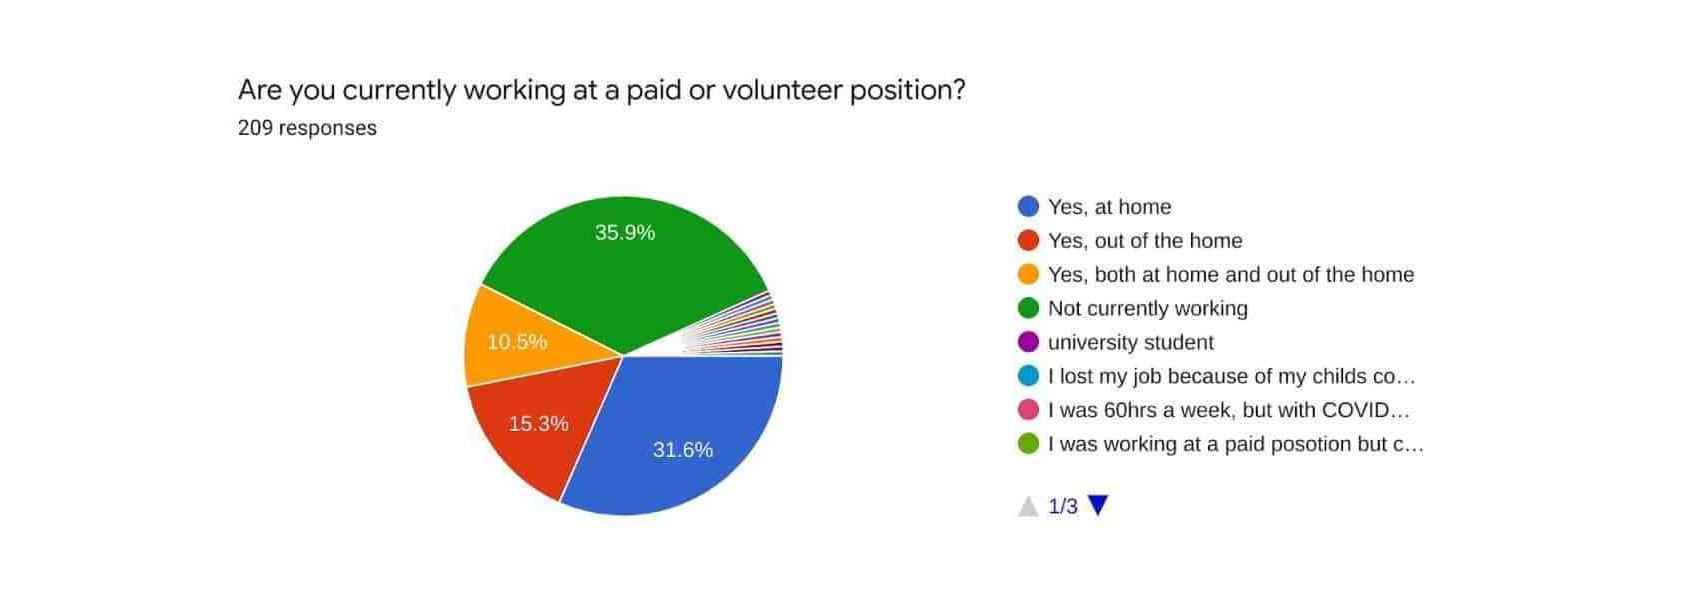 Pie chart of responses